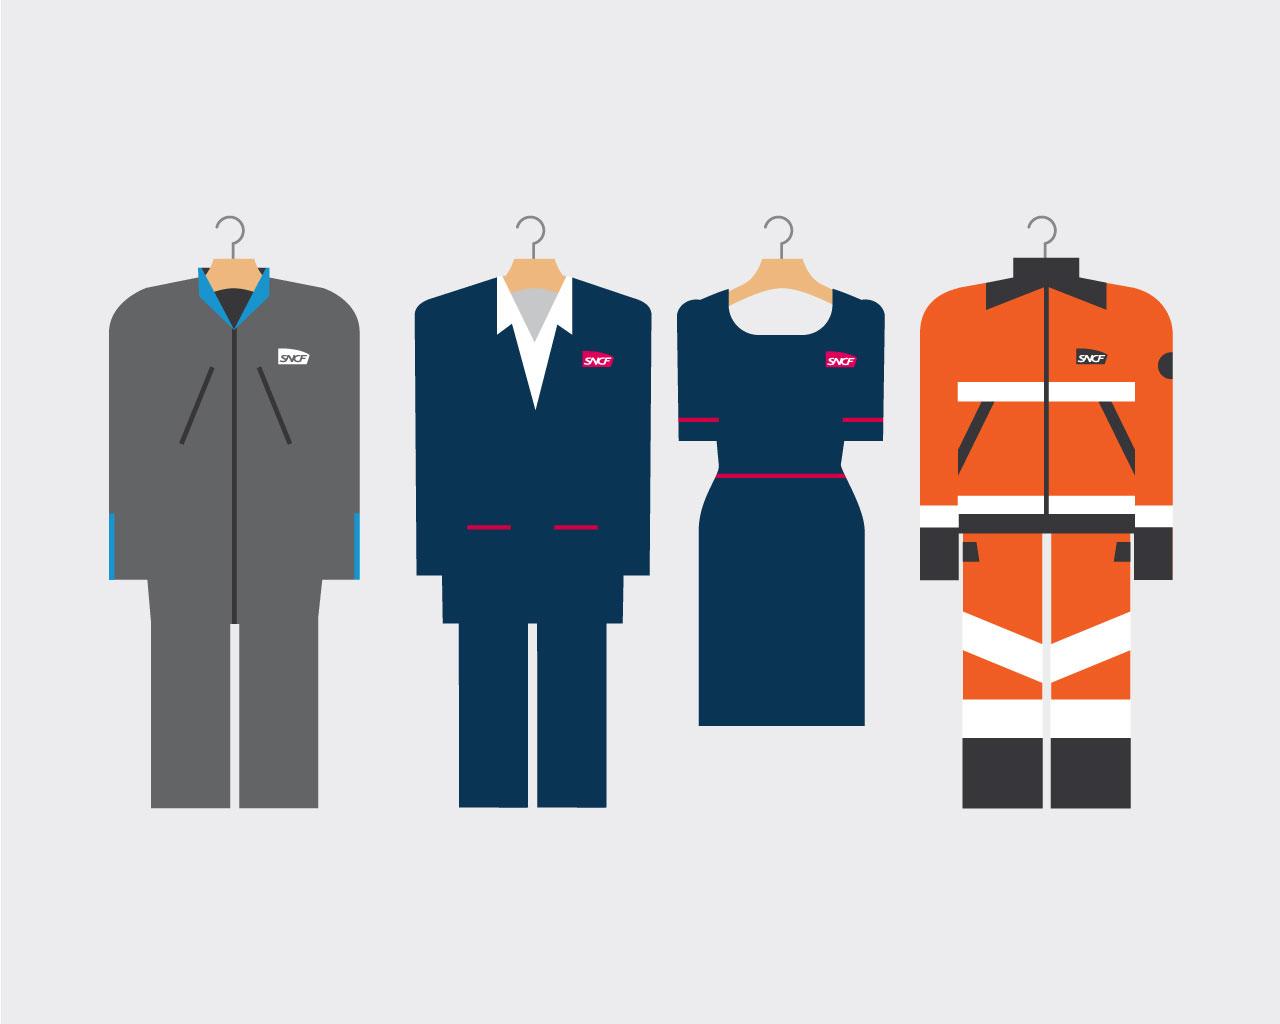 SNCF propose une diversité de métiers qui offrent des perspectives d'évolution.